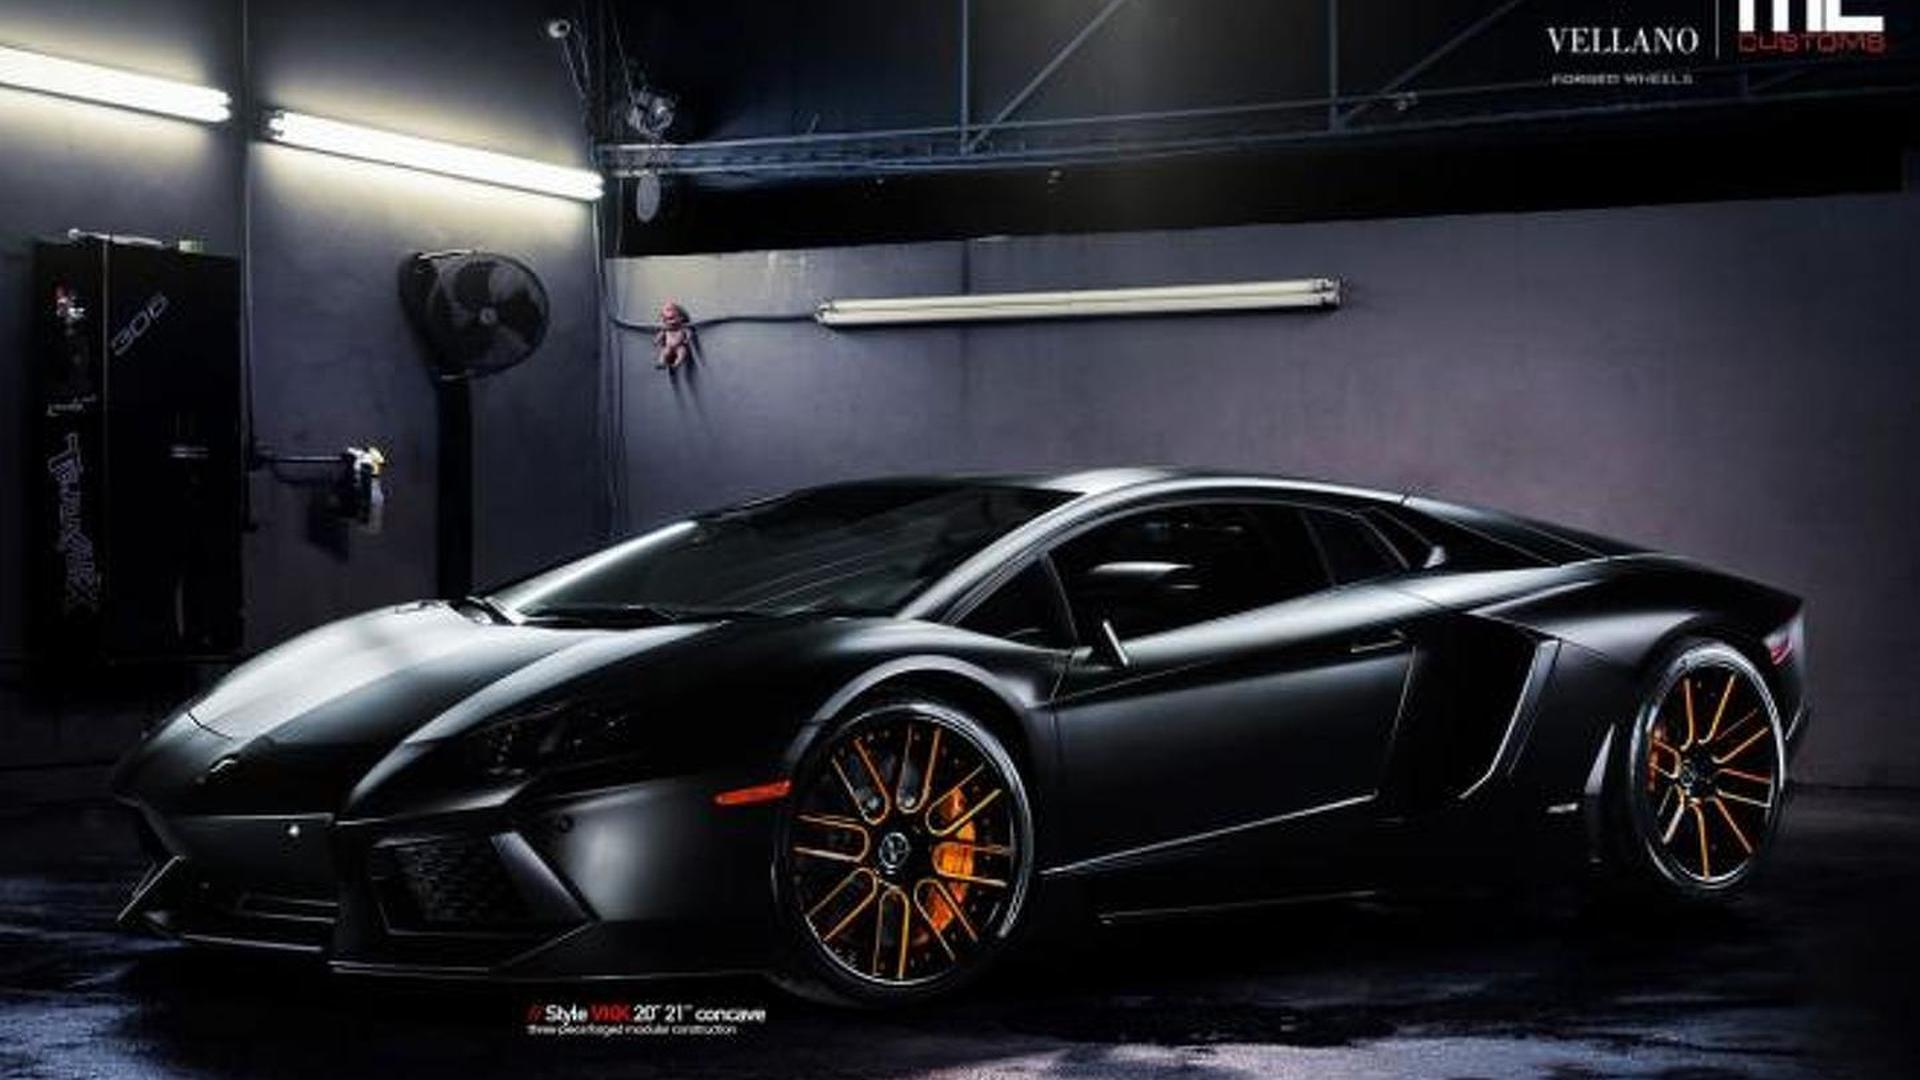 Photo Appreciation: Lamborghini Aventador riding on Vellano wheels